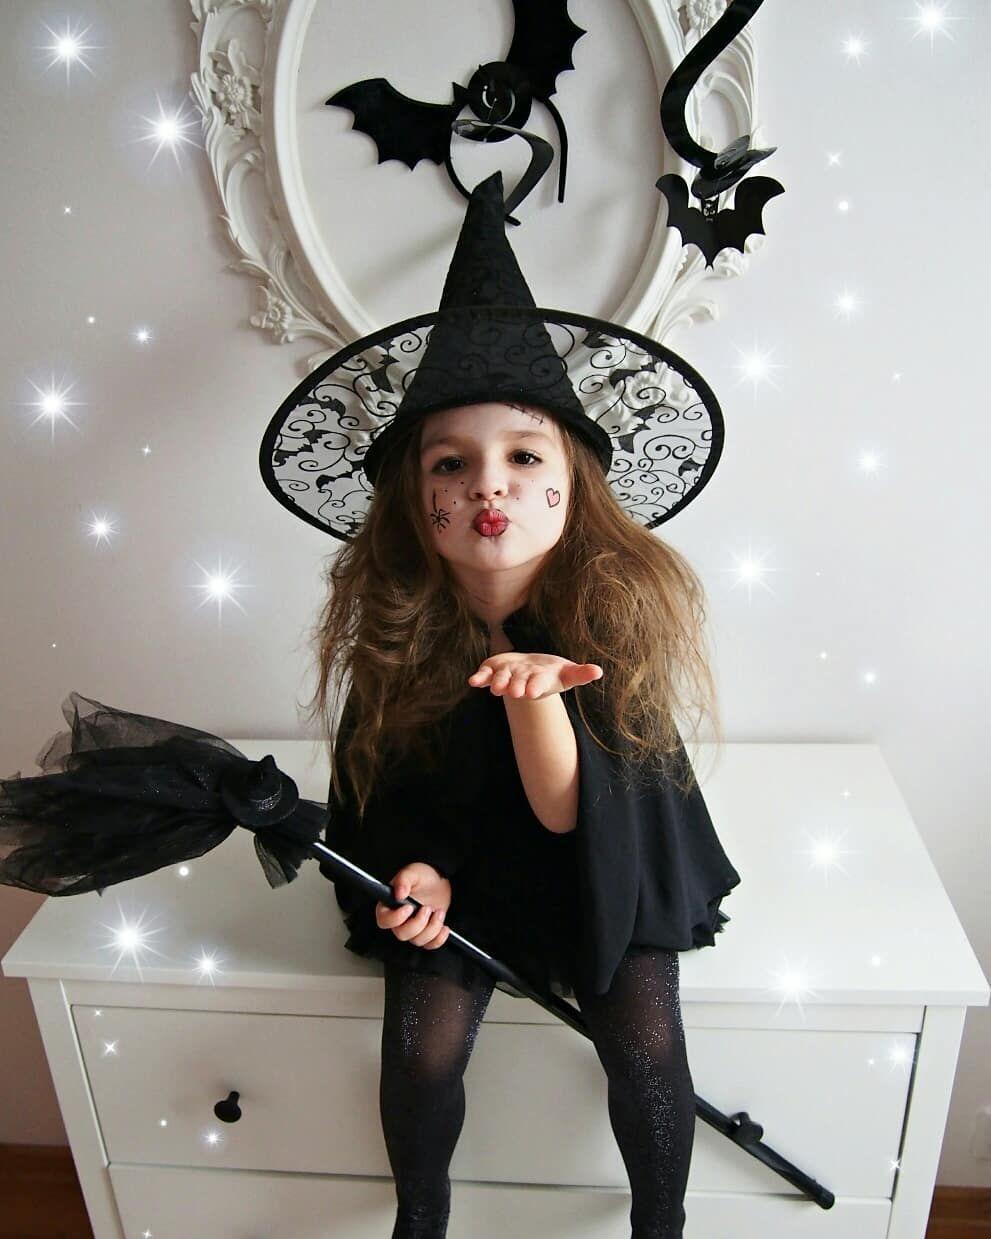 Halloween Kostüme Für Kinder Selber Machen: Schnell mit Halloween Kostüme Selber Machen Kinder